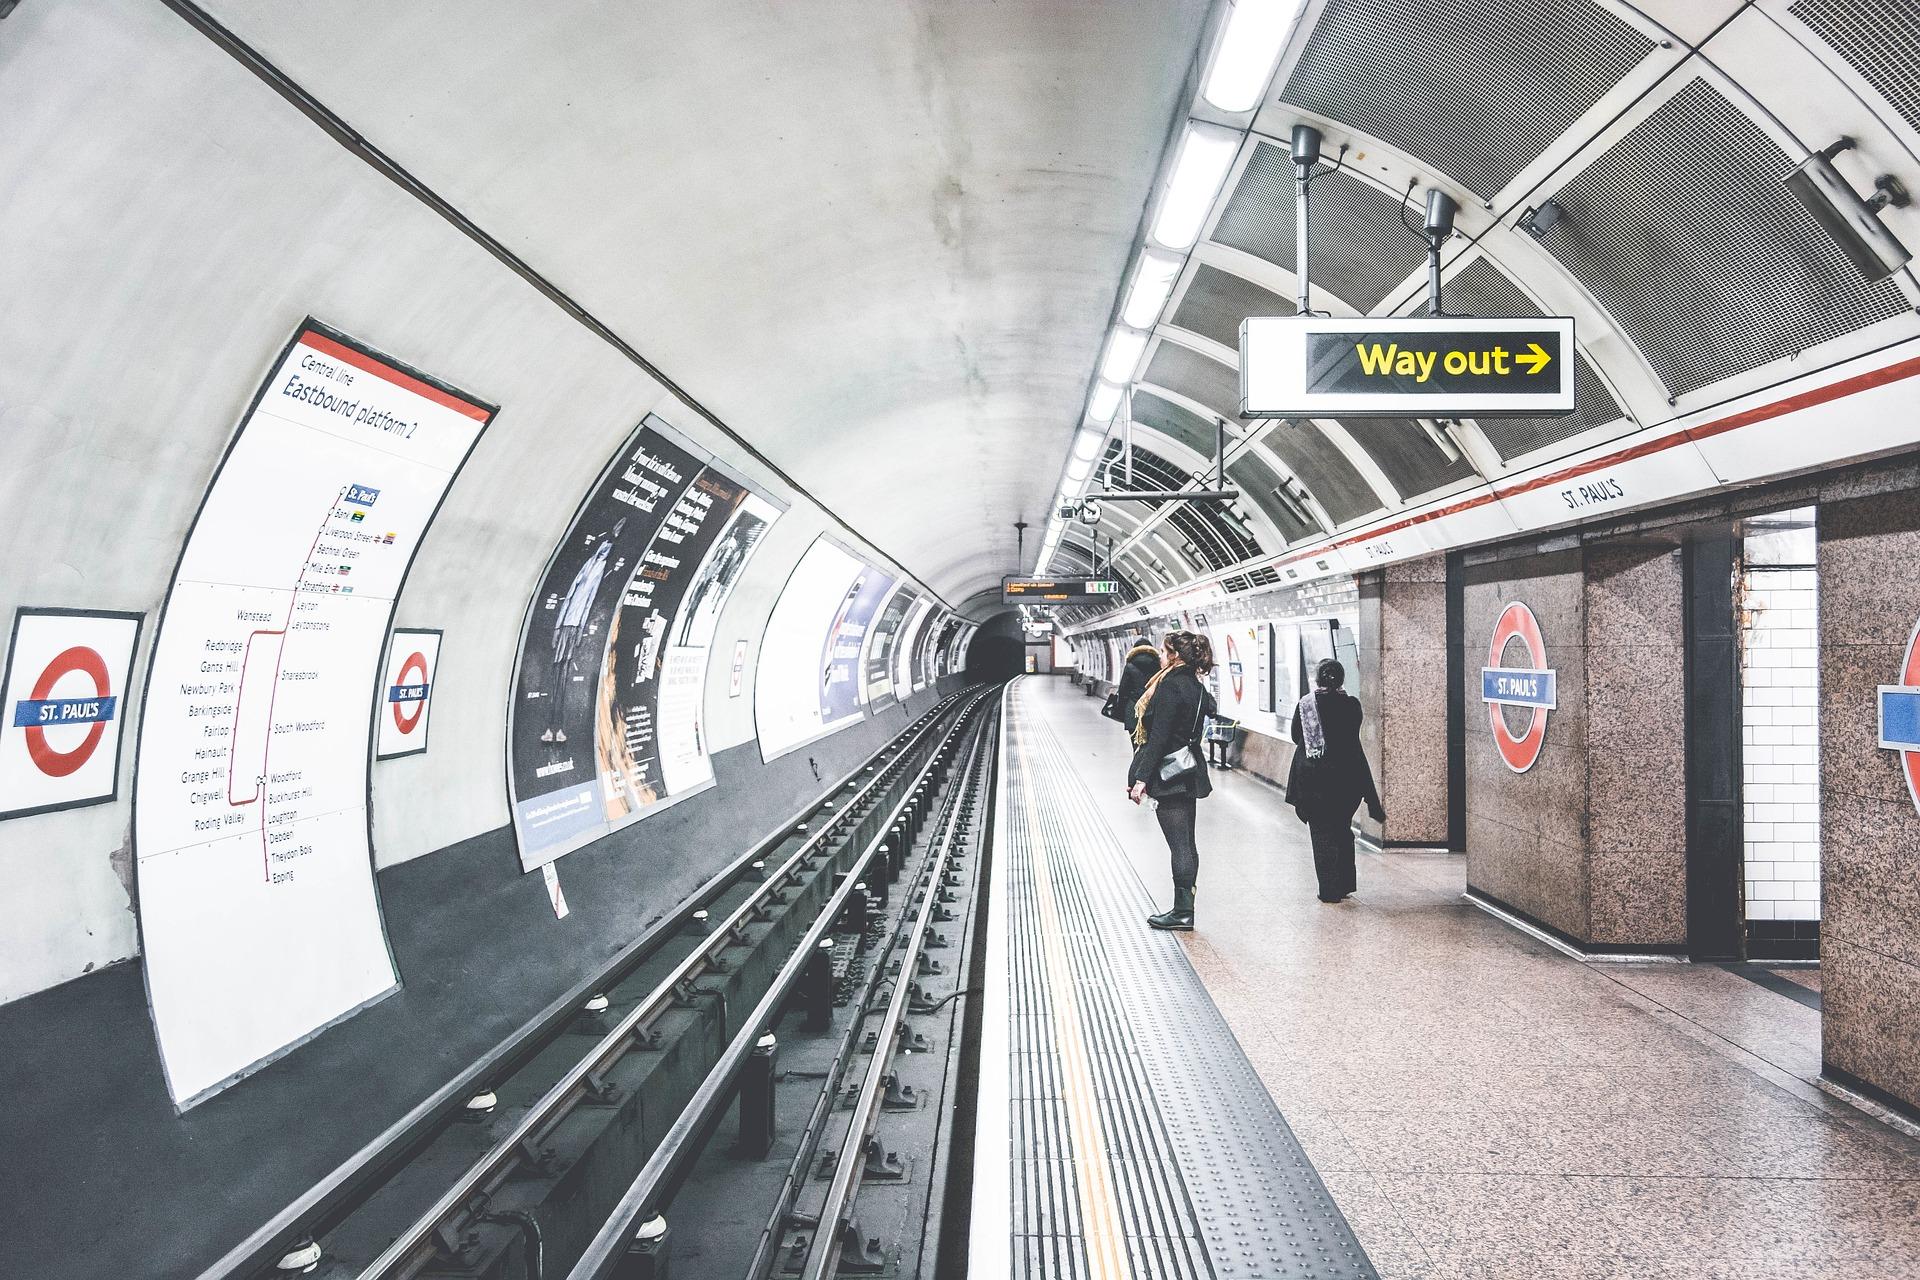 Метро, Лондон, Станция, Англия, Anden, Ждем вас - Обои HD - Профессор falken.com